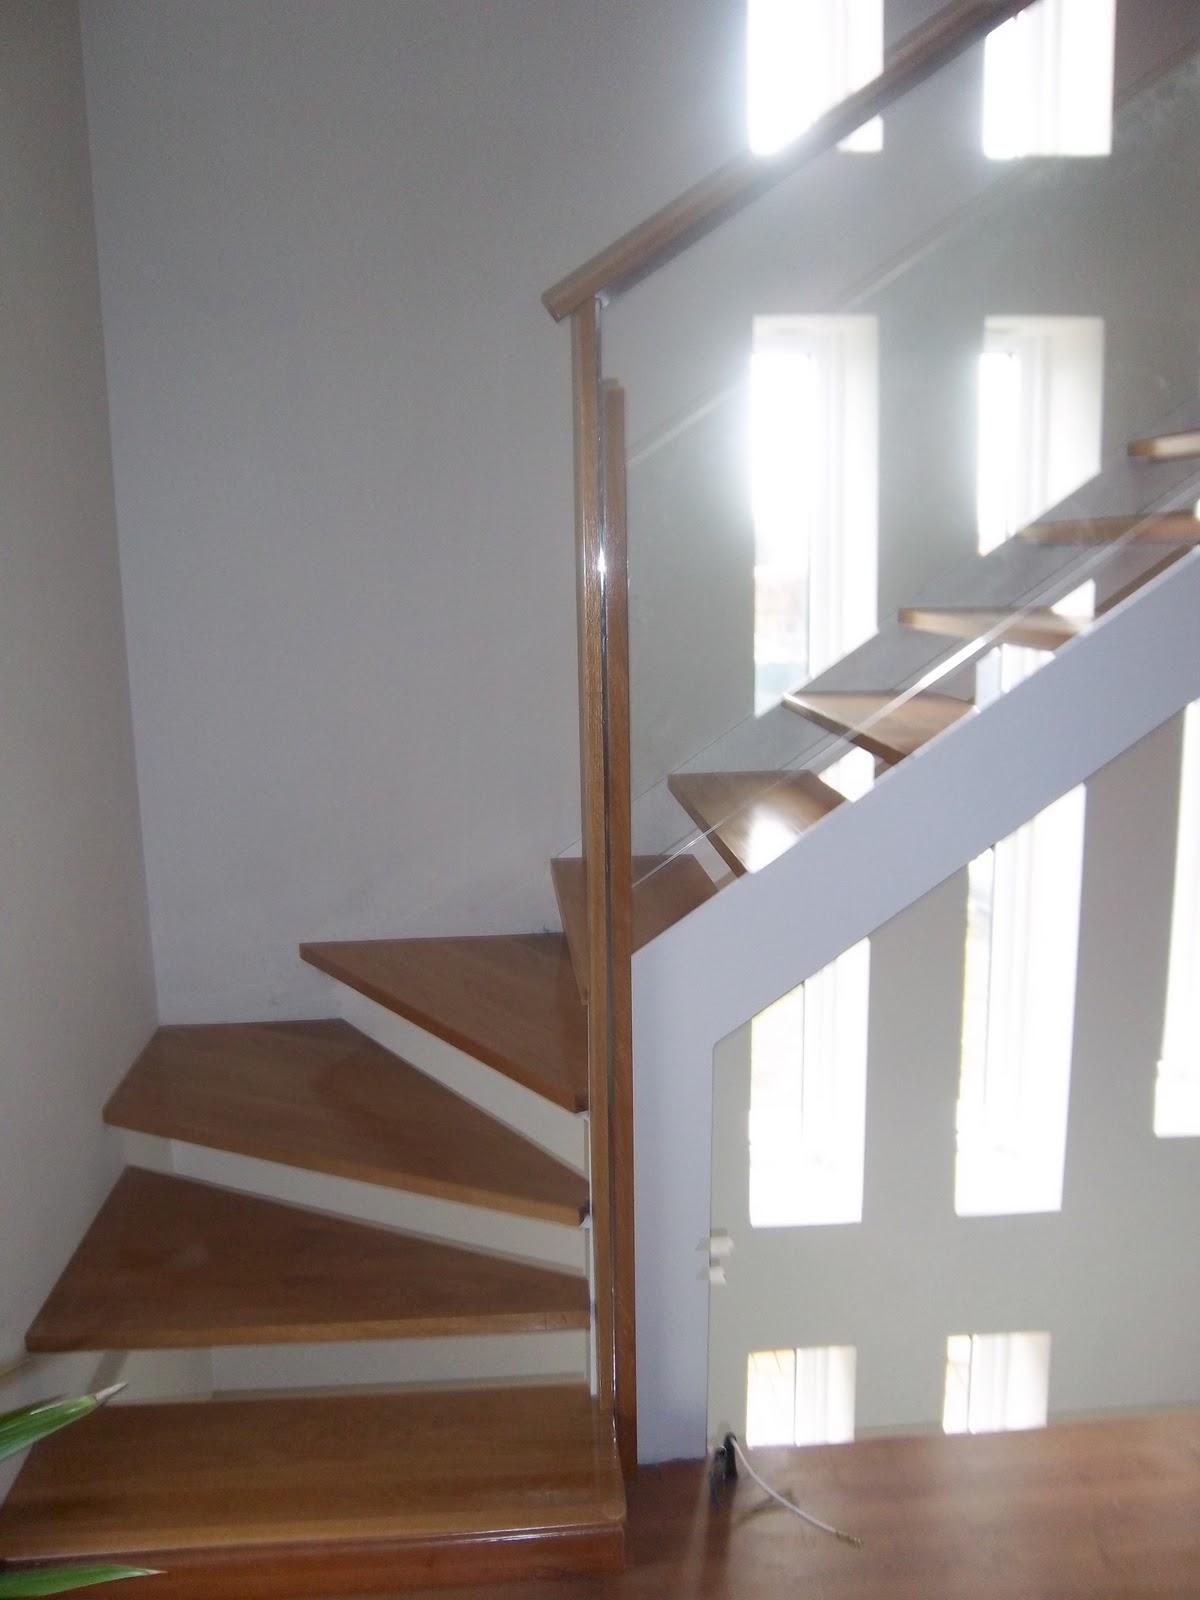 Norbel carpinteria met lica y acero inoxidable escalera con estructura de hierro y acero inox - Escaleras de cristal y madera ...